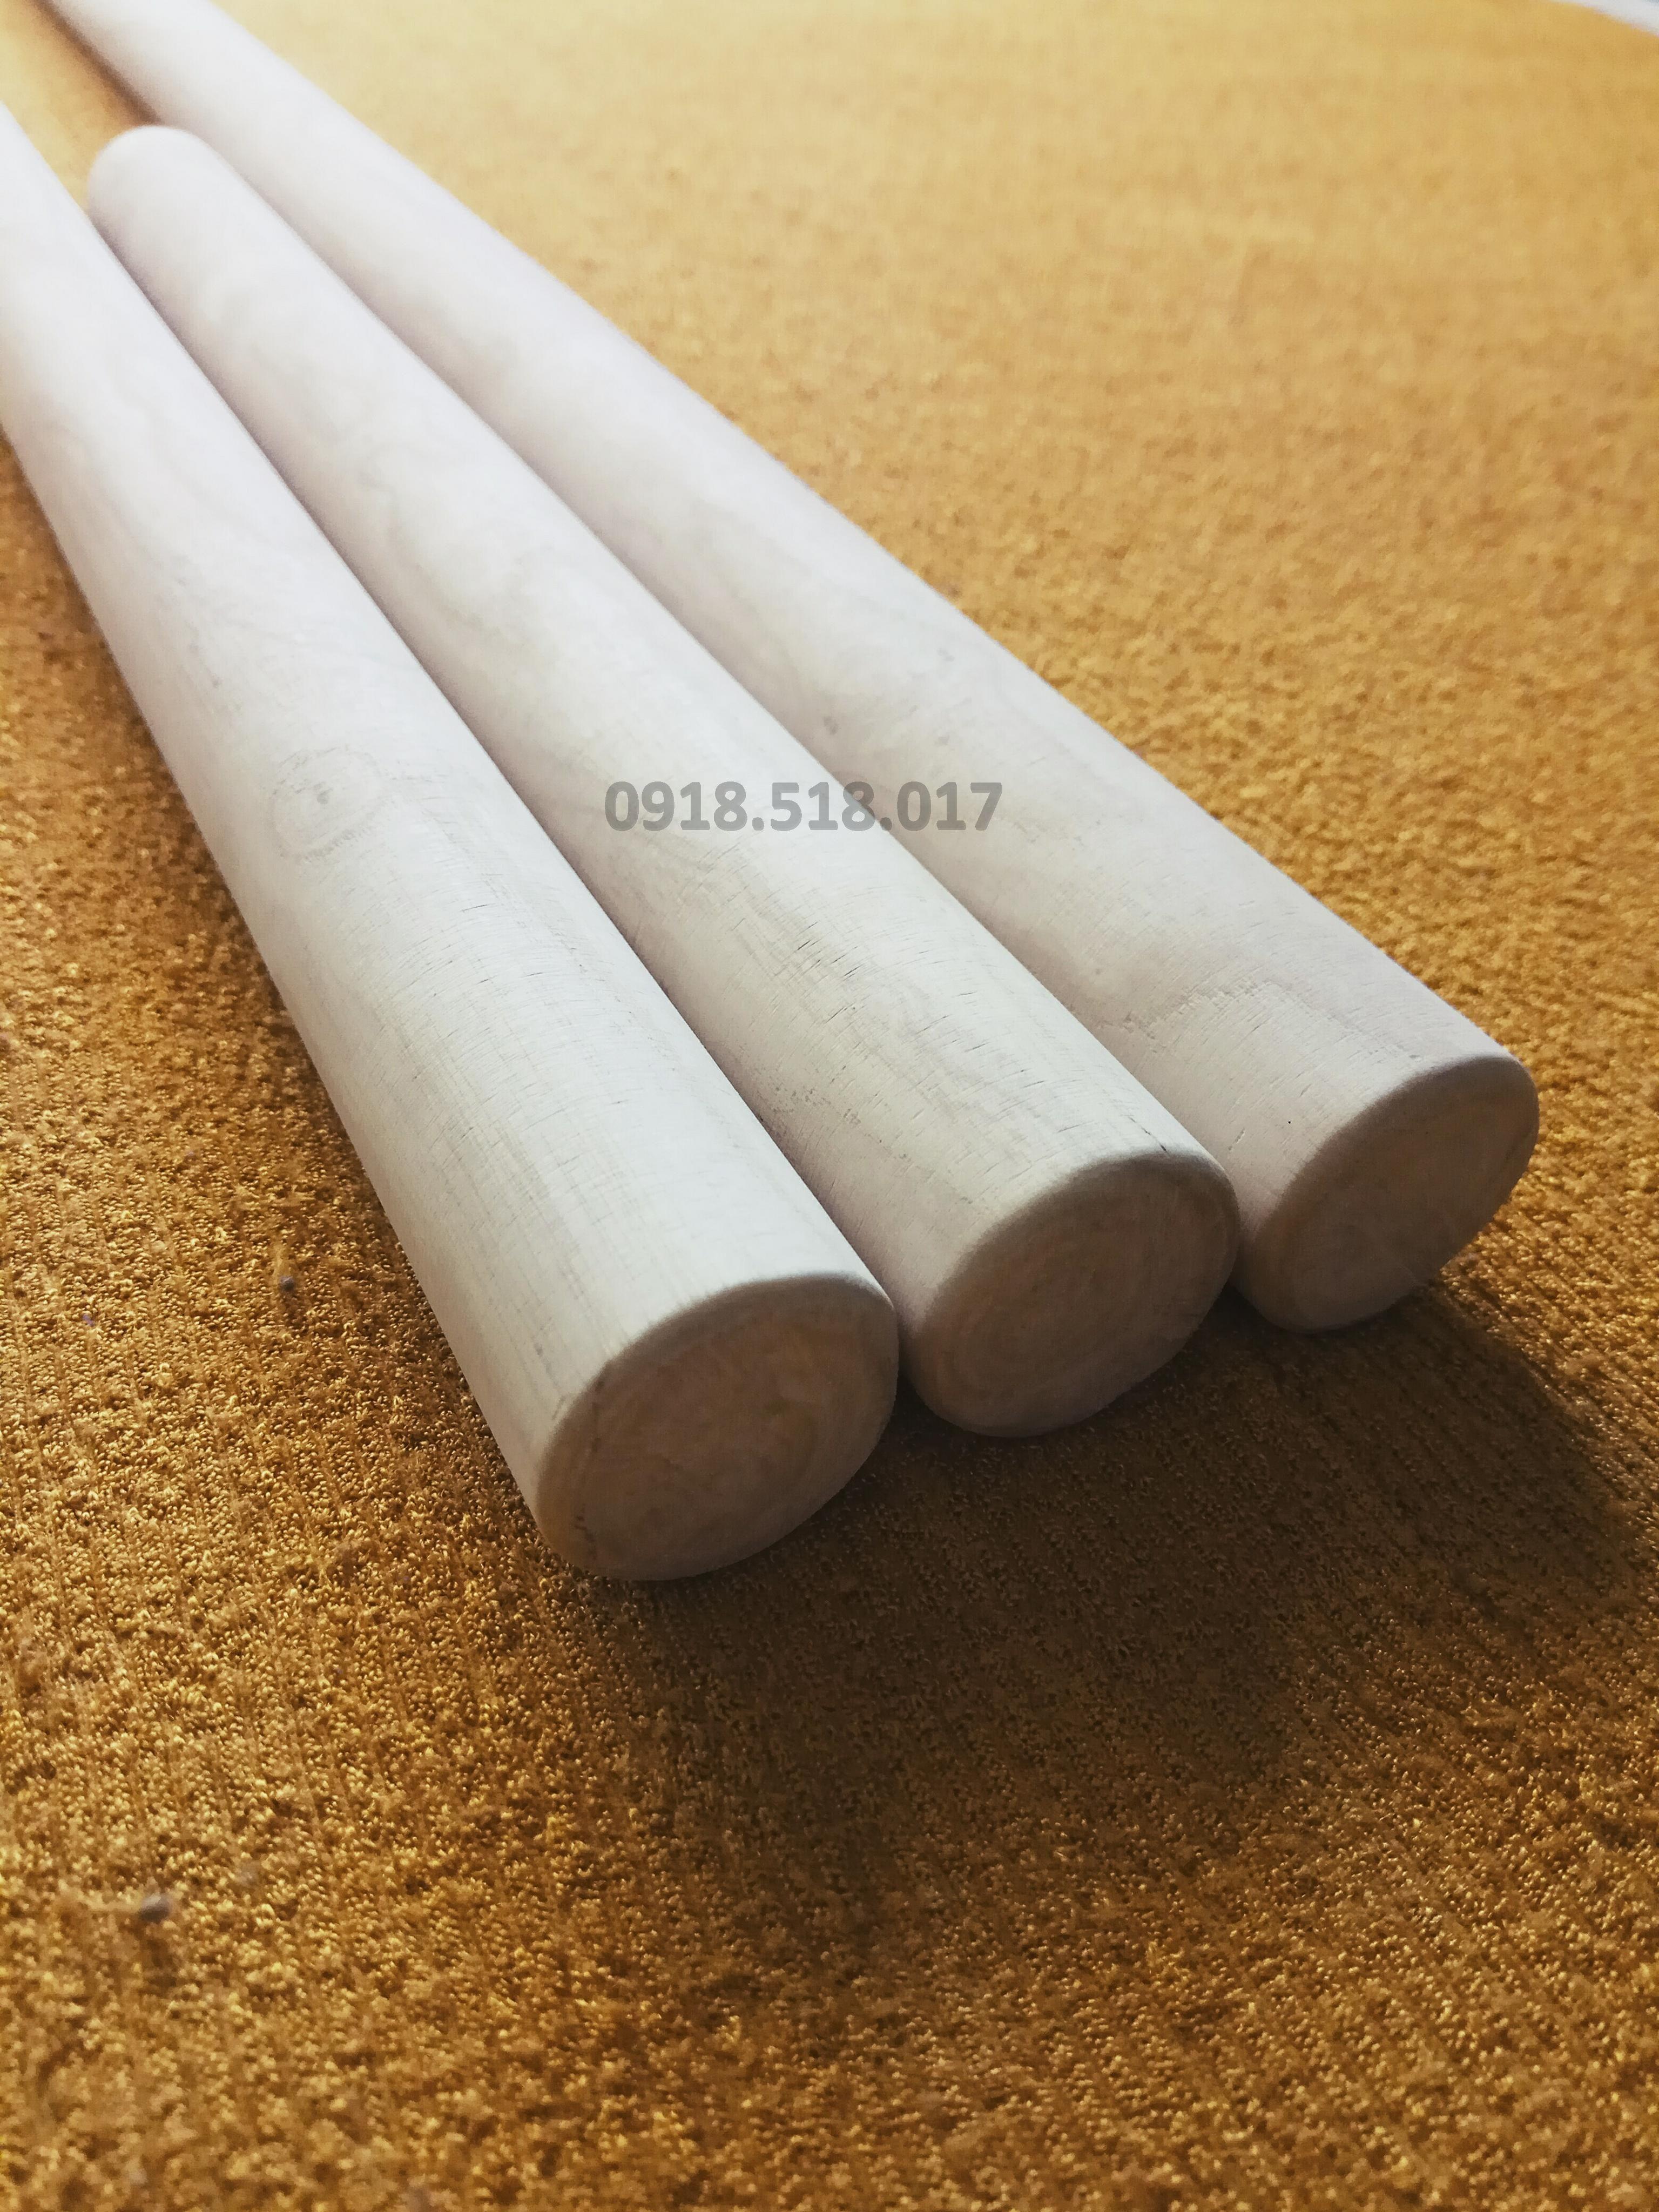 Hình ảnh Bộ 3 gậy Arnis gỗ Bạch Lạp